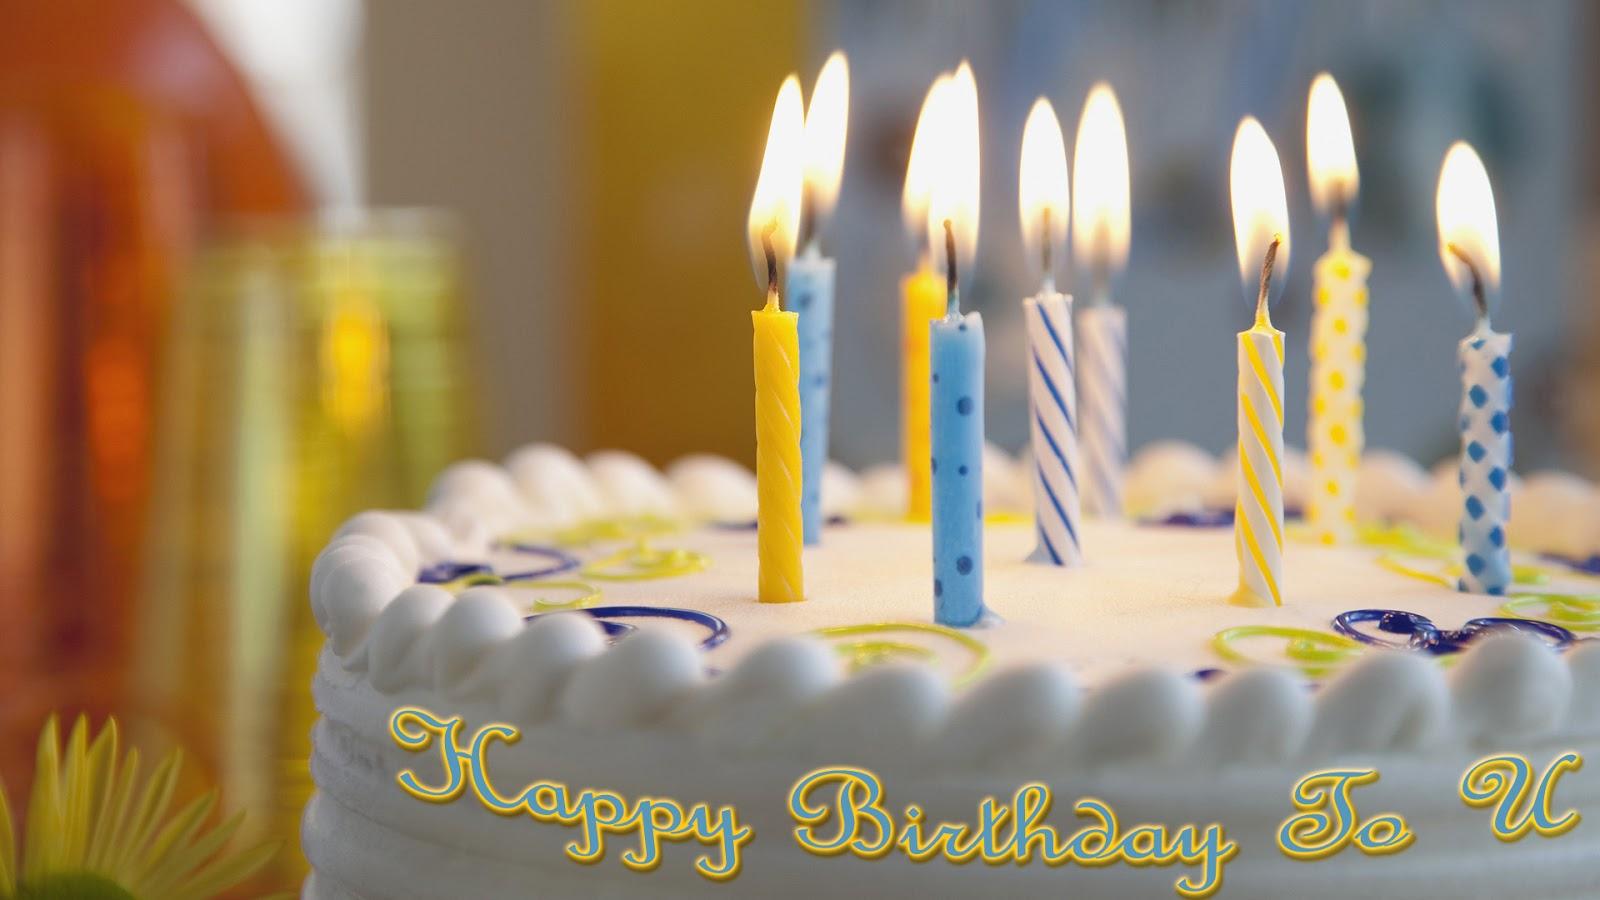 essay on birthday wishes